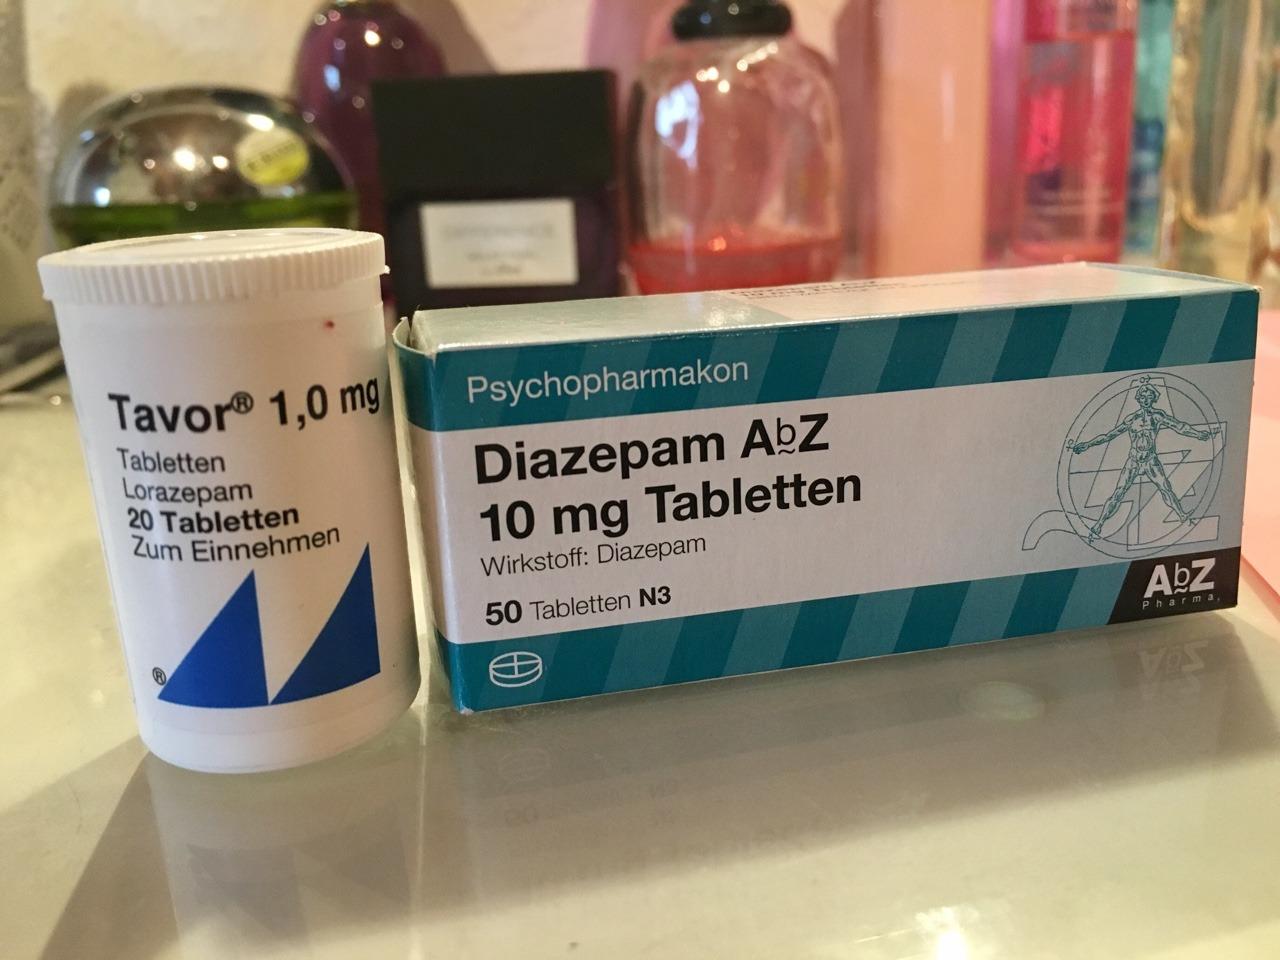 Order original branded painkillers online  +1 5205856132